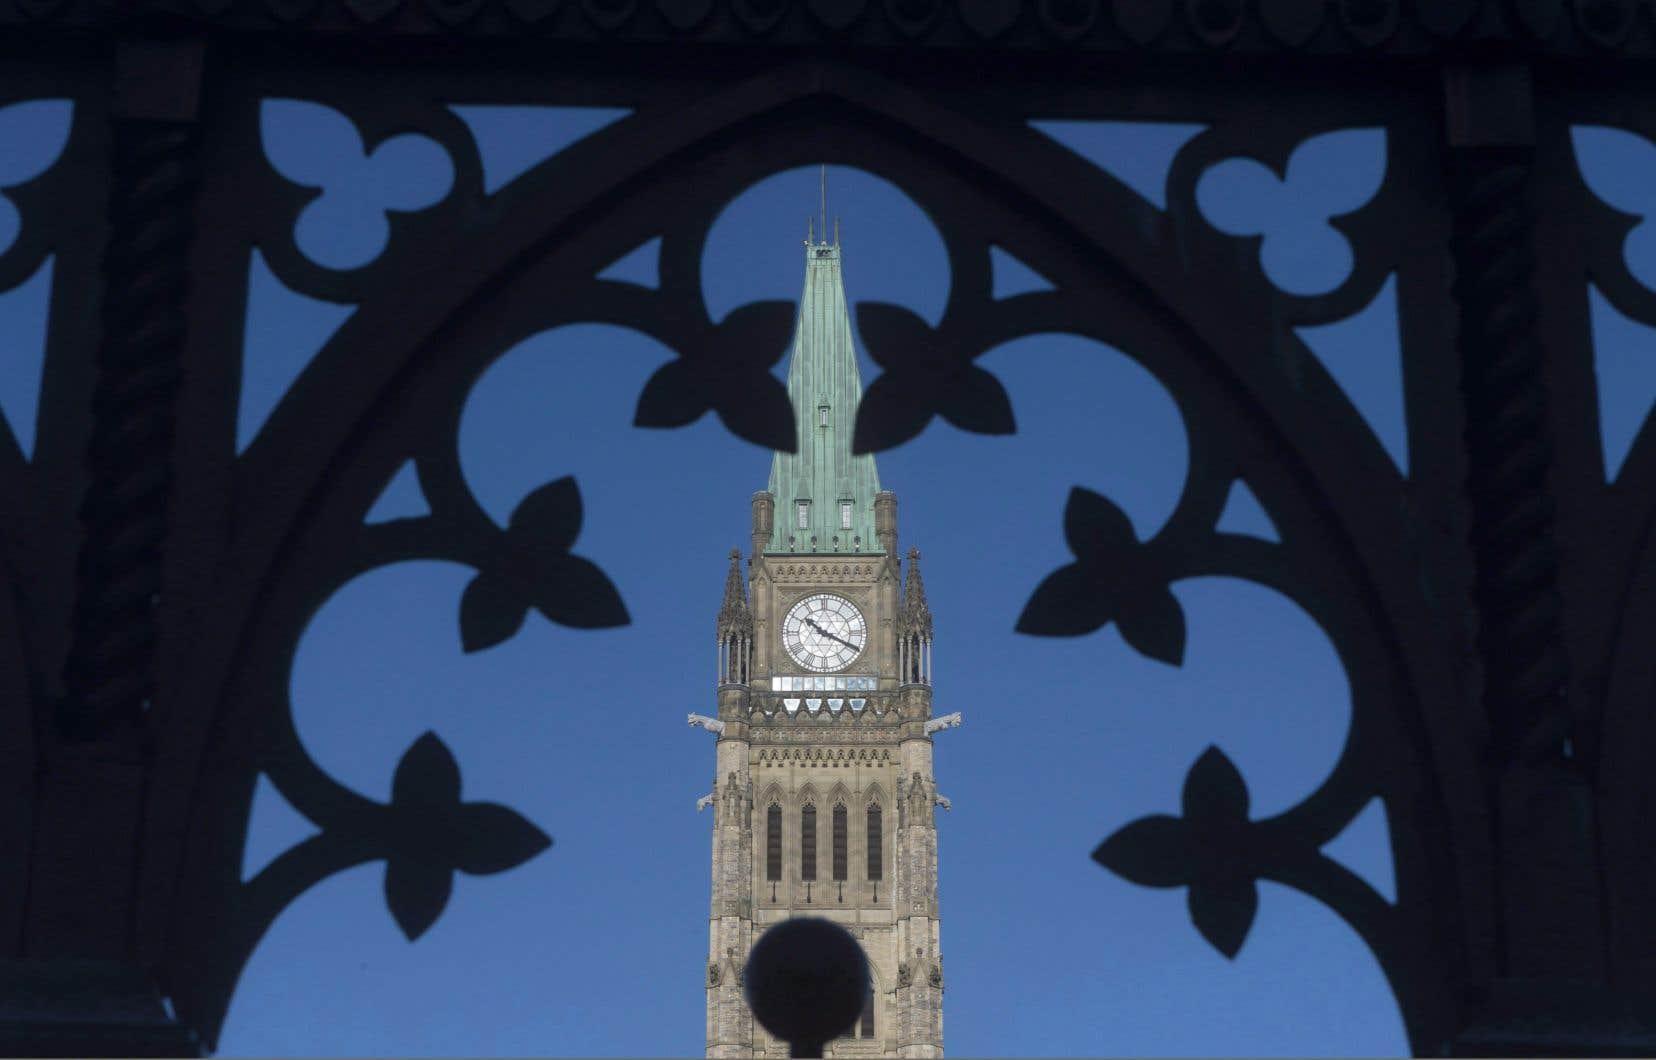 <p>Au cours des dernières semaines, <em>Le Devoir </em>a demandé à plusieurs reprises au cabinet du ministre canadien de l'Environnement, Jonathan Wilkinson, s'il serait possible de suspendre les évaluations environnementales des projets industriels en cours, en raison de la crise sanitaire planétaire provoquée par la COVID-19.</p>